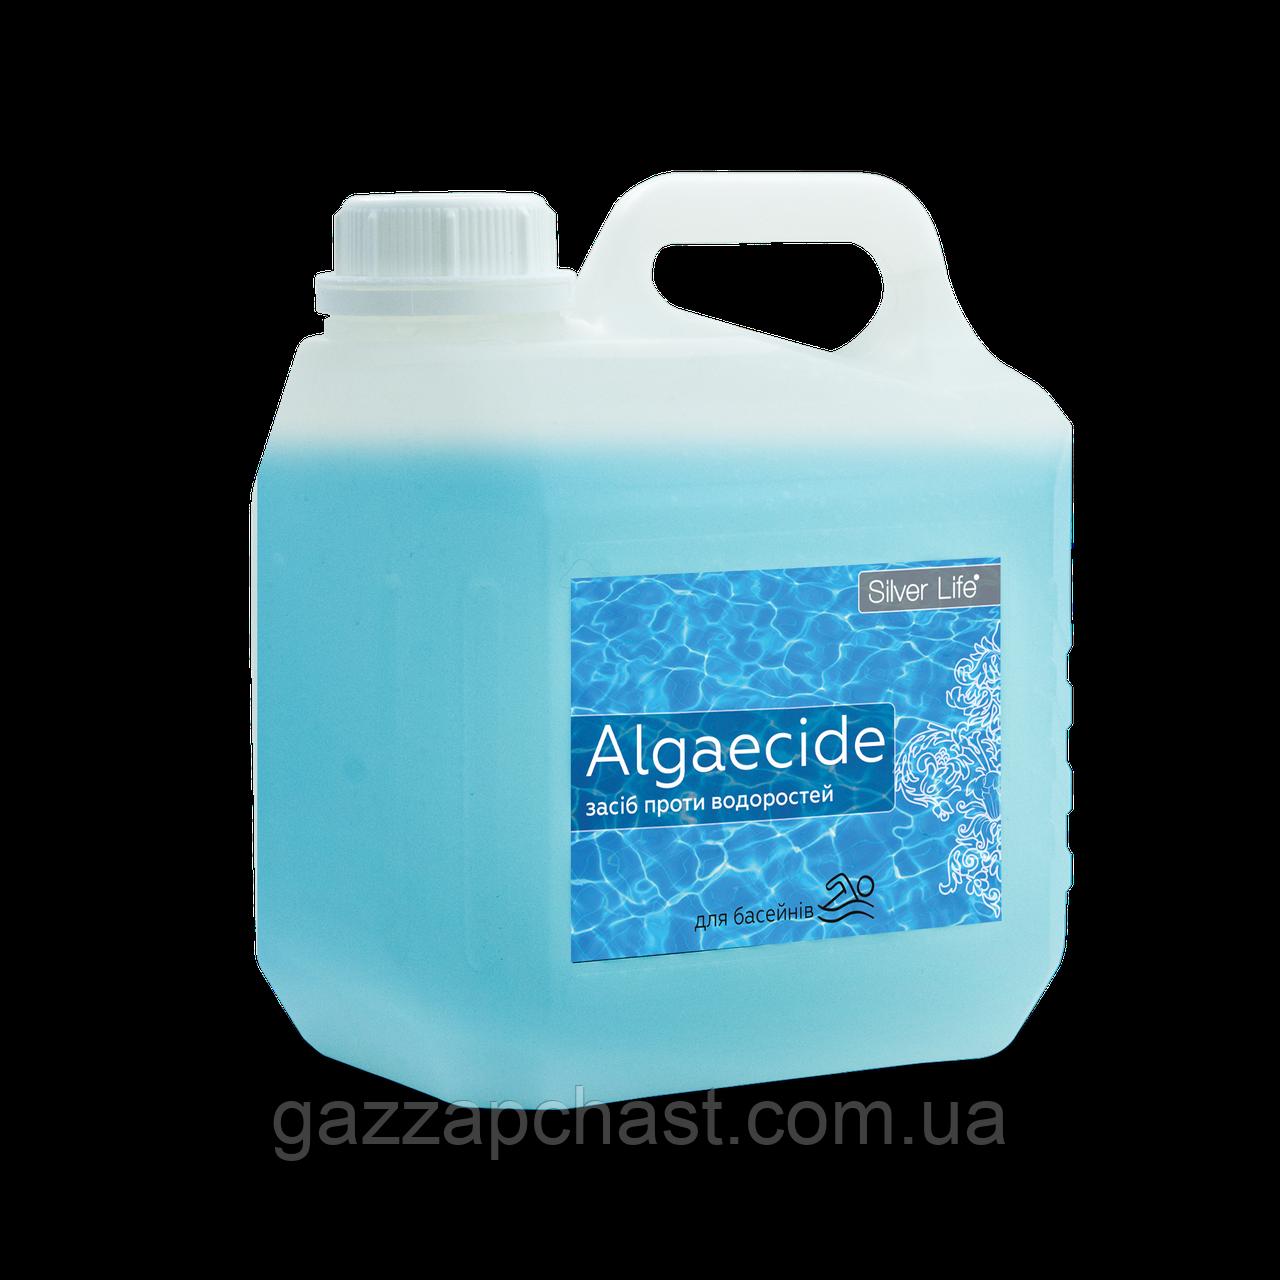 Средство для удаления водорослей в бассейне СВОД Algaecide, 3 л  СВ34